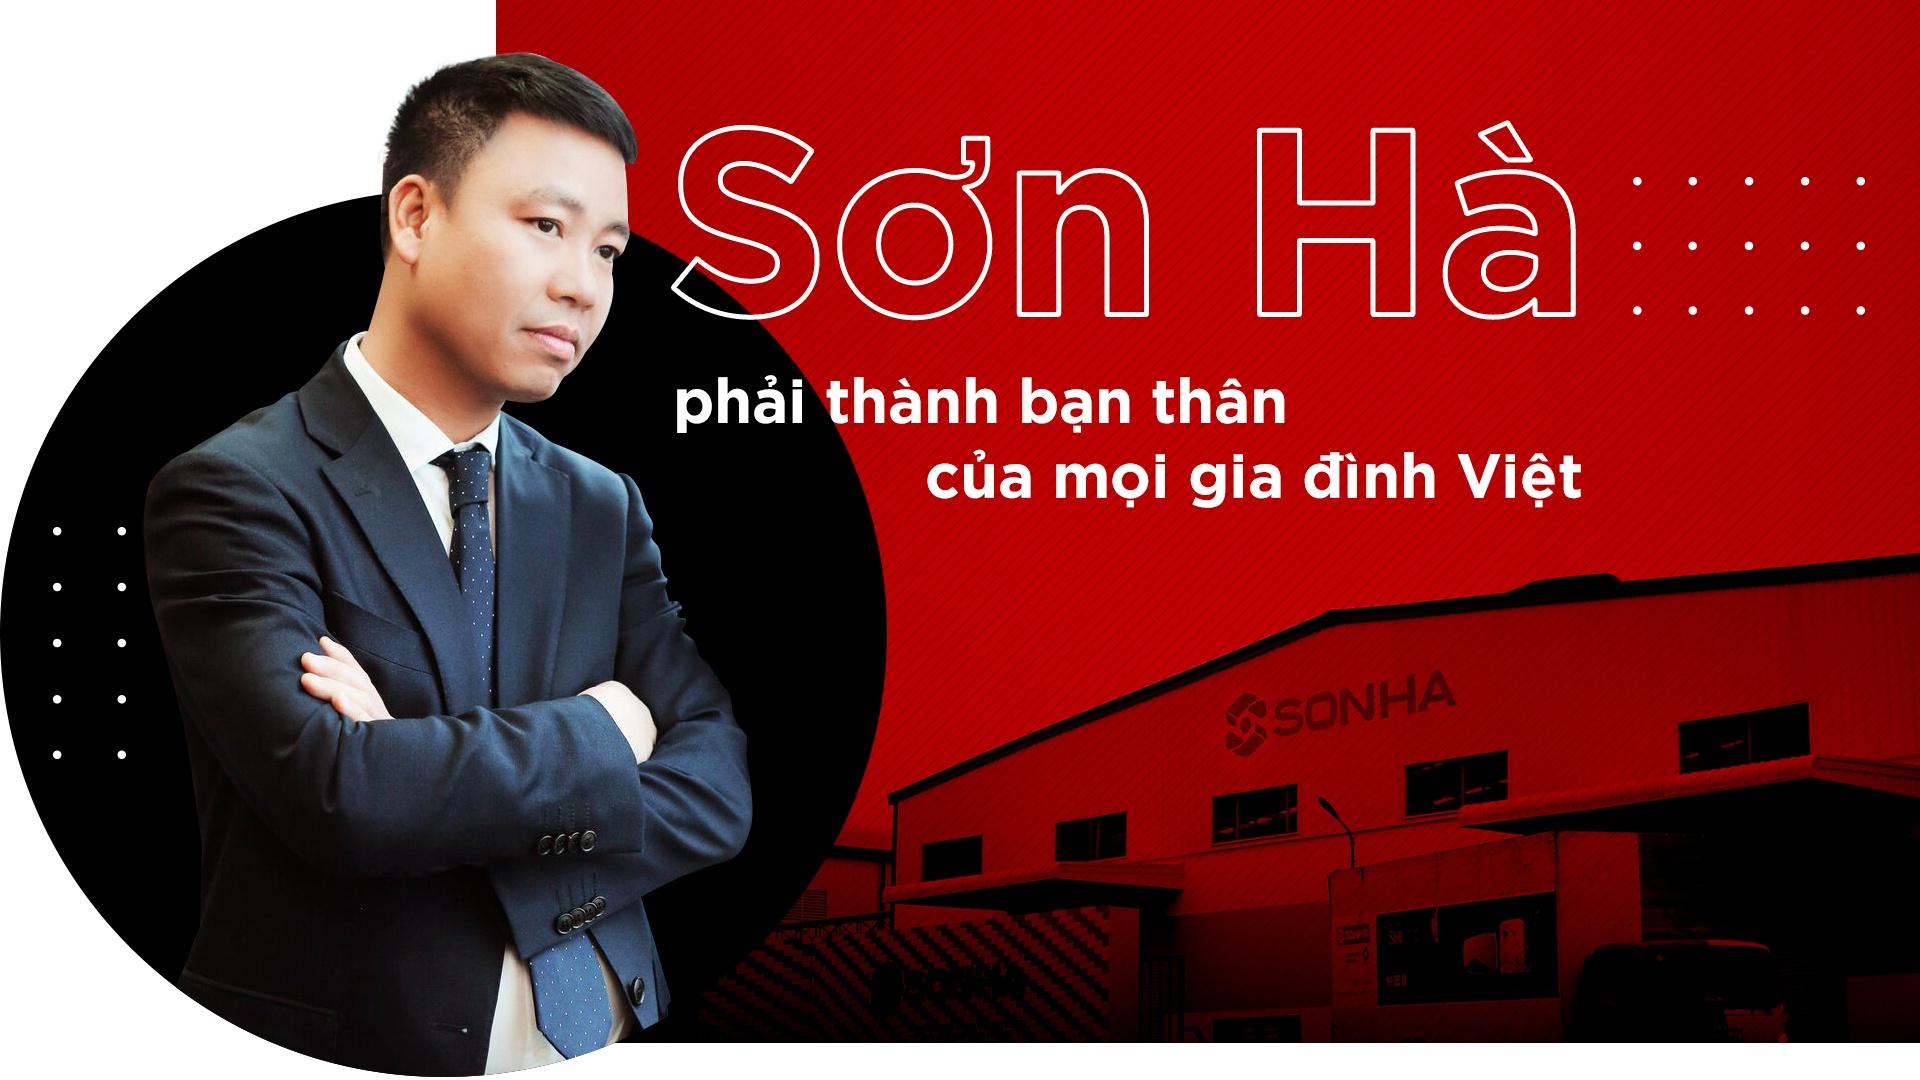 Son Ha anh 2